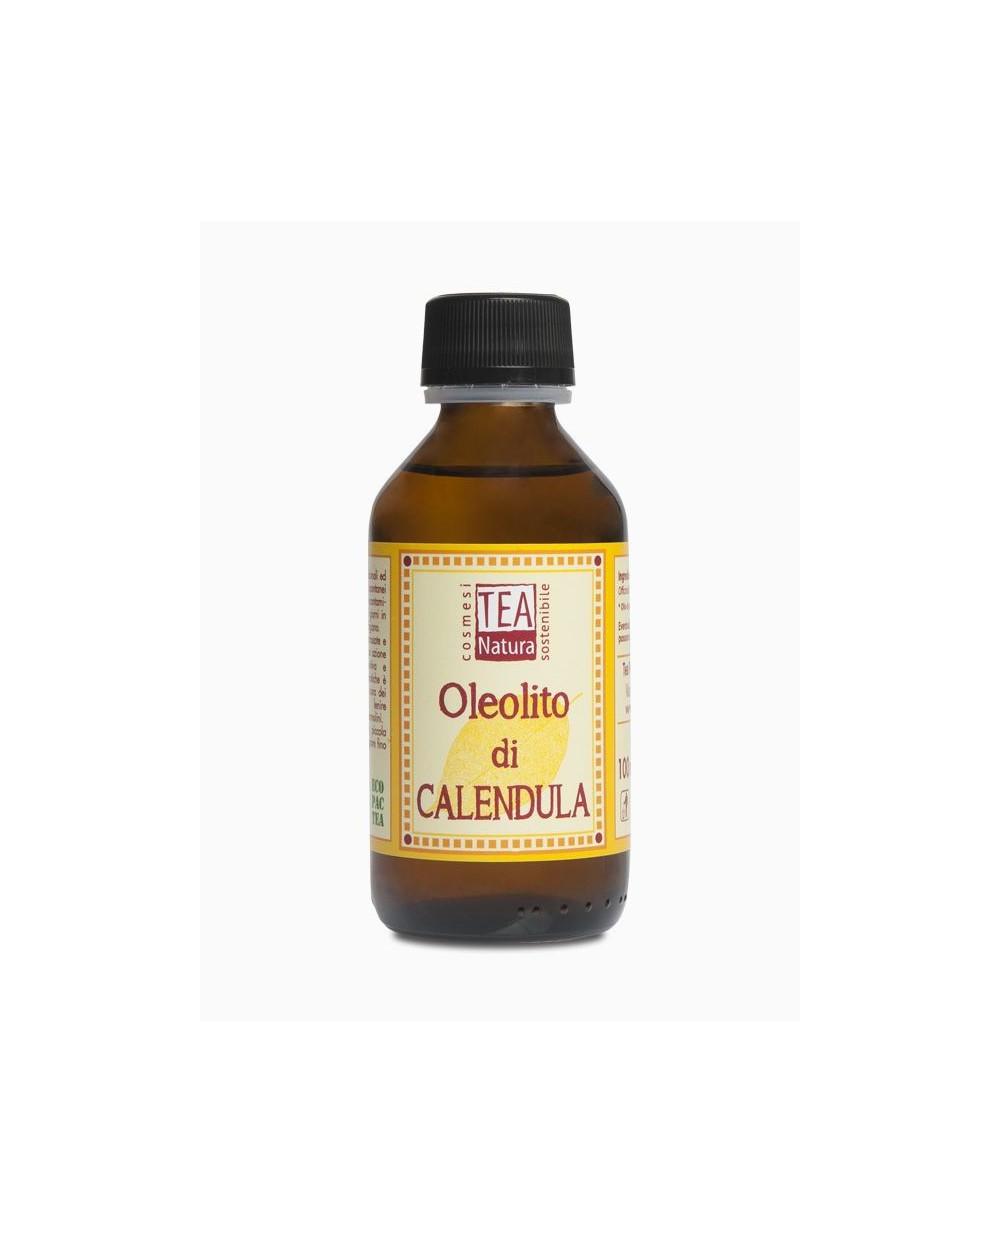 Tea Natura - Oleolito Calendula 100ML